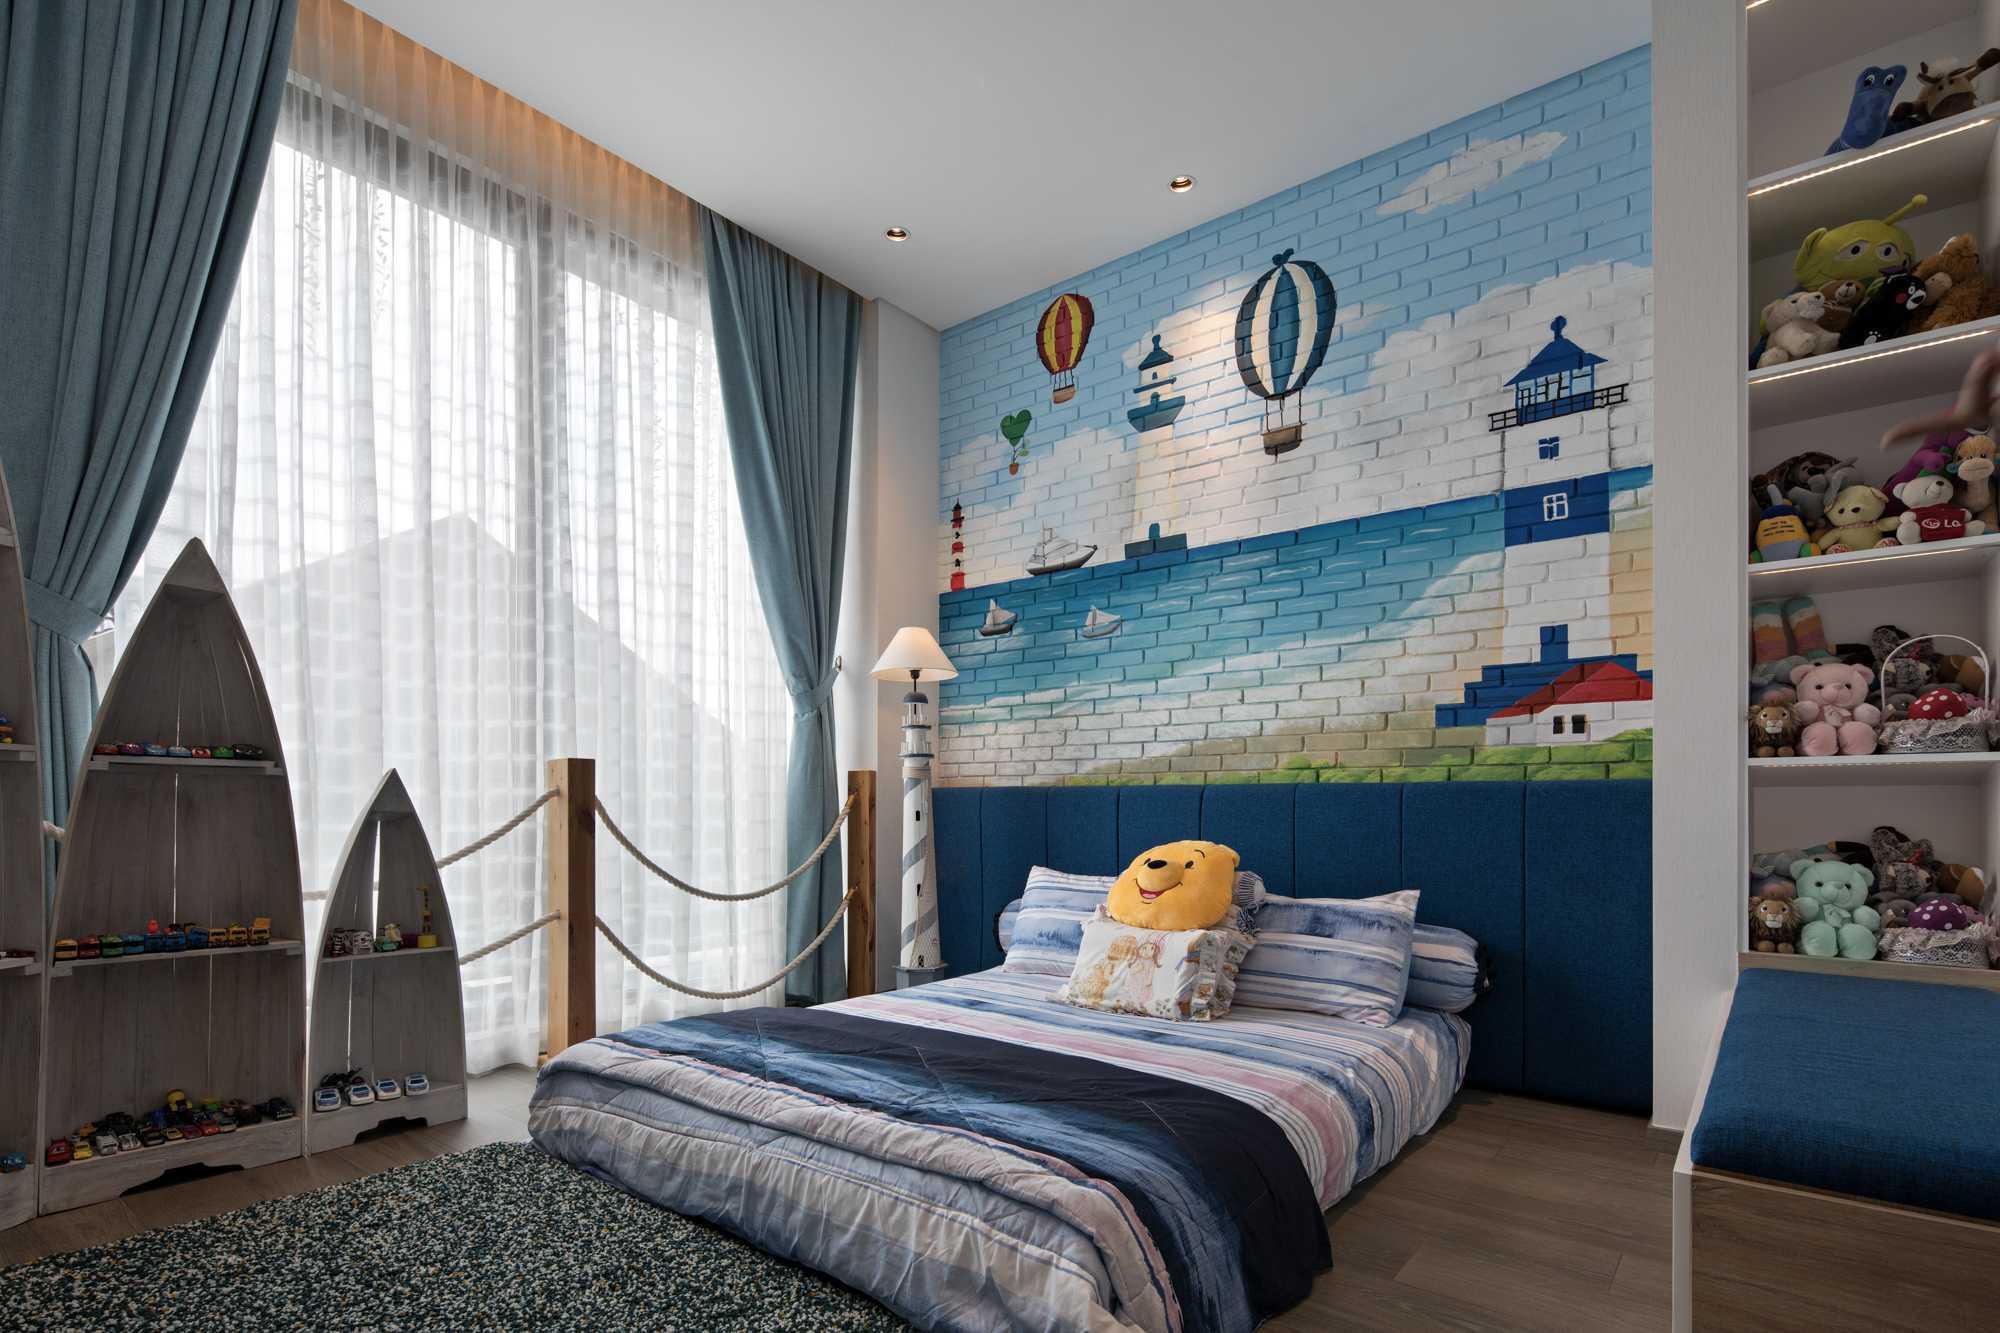 Kamar tidur anak B House karya Gohte Shafuji (Sumber: arsitag.com)